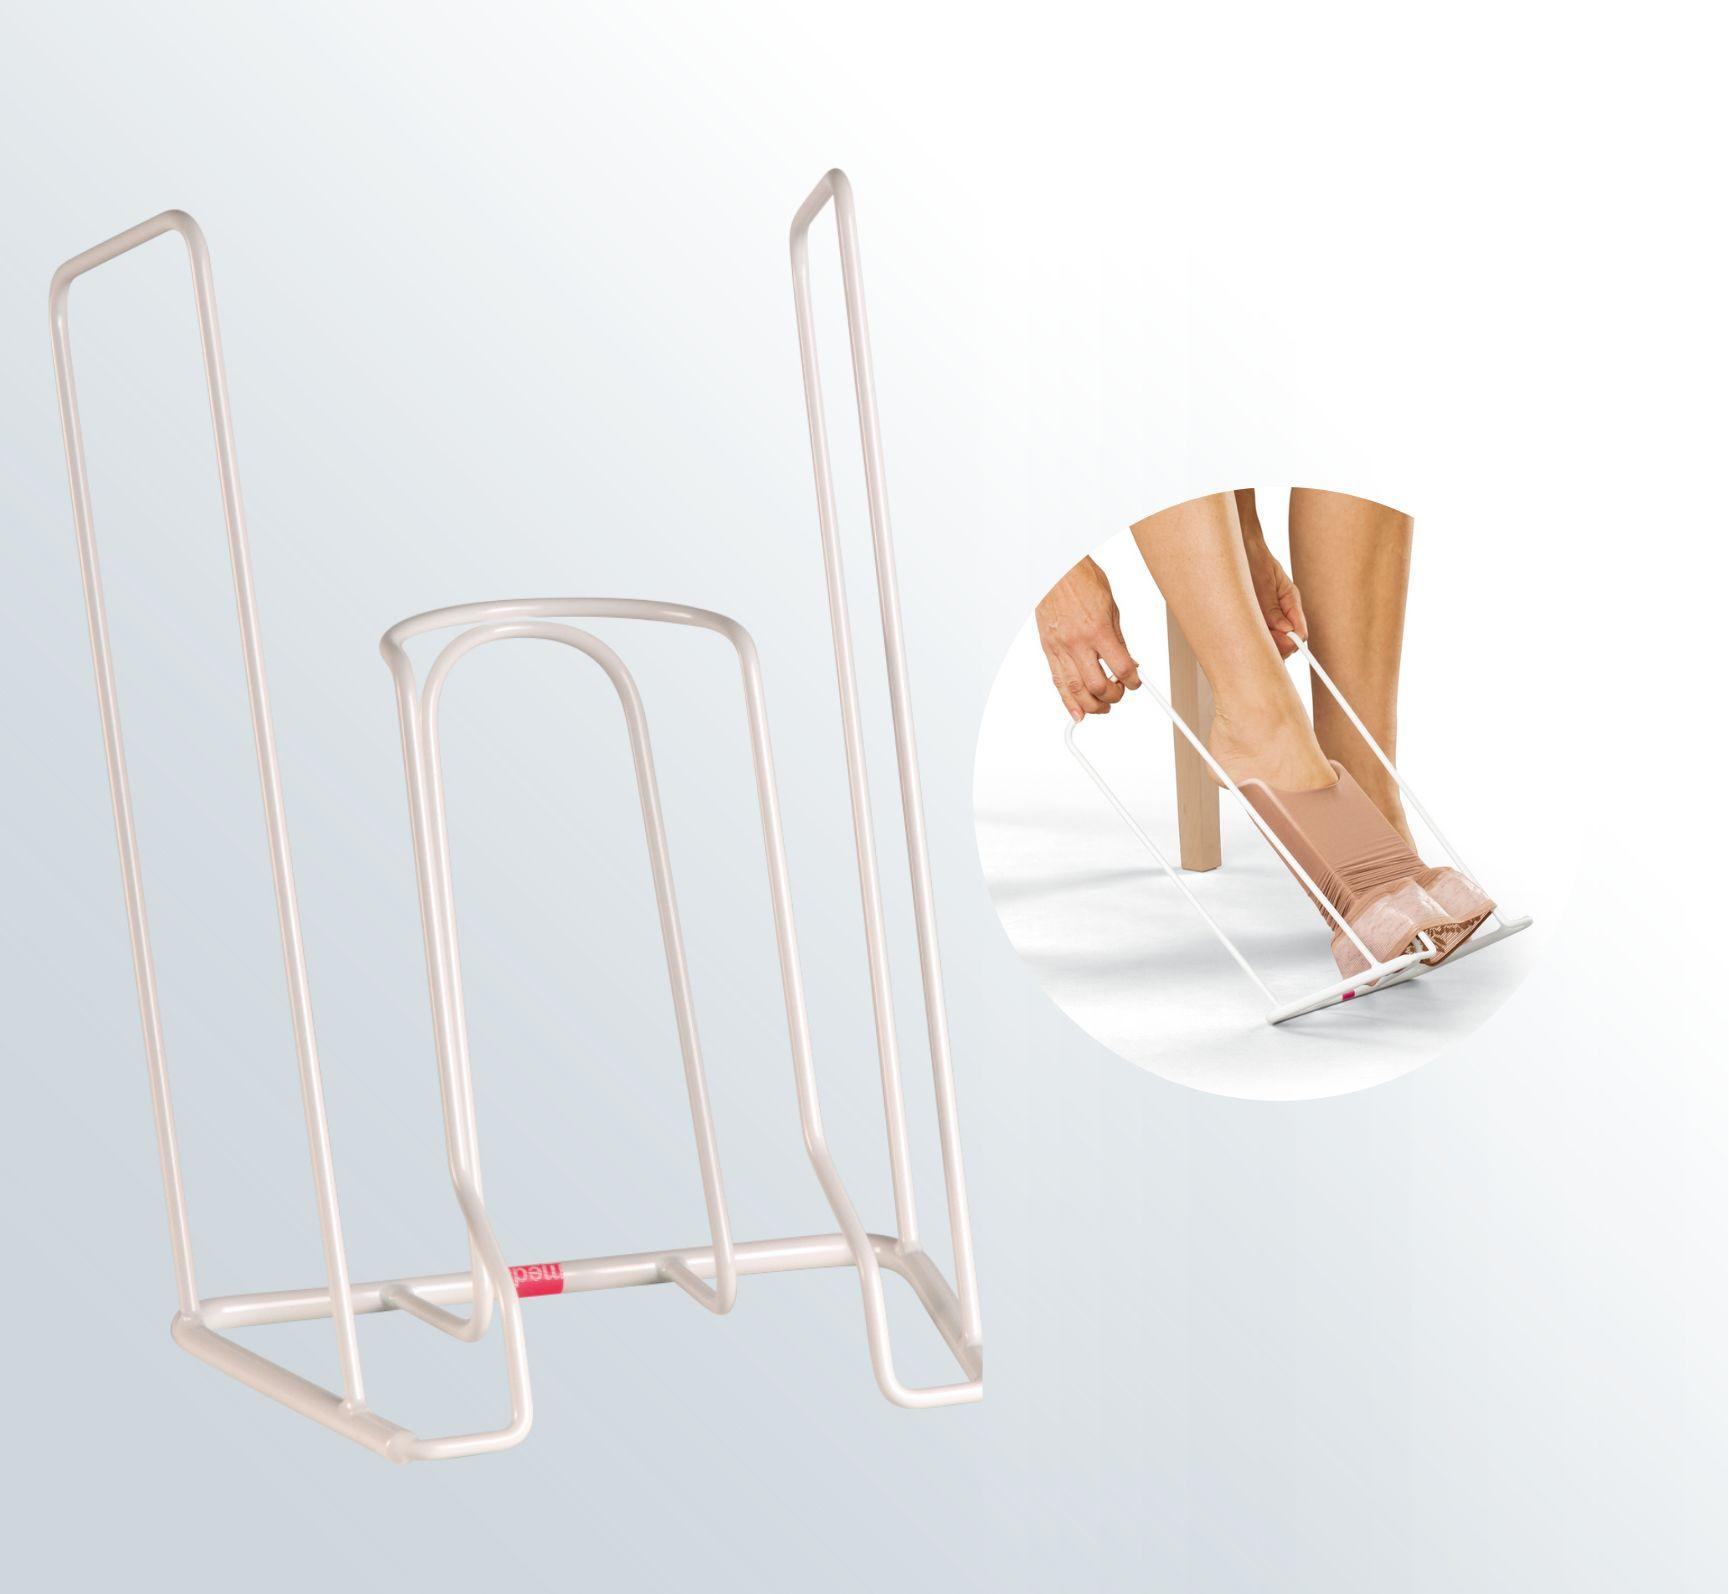 Poręczny przyrząd do ubierania produktów kompresyjnych - pomoc w nakładaniu pończoch uciskowych - (Medi Butler)